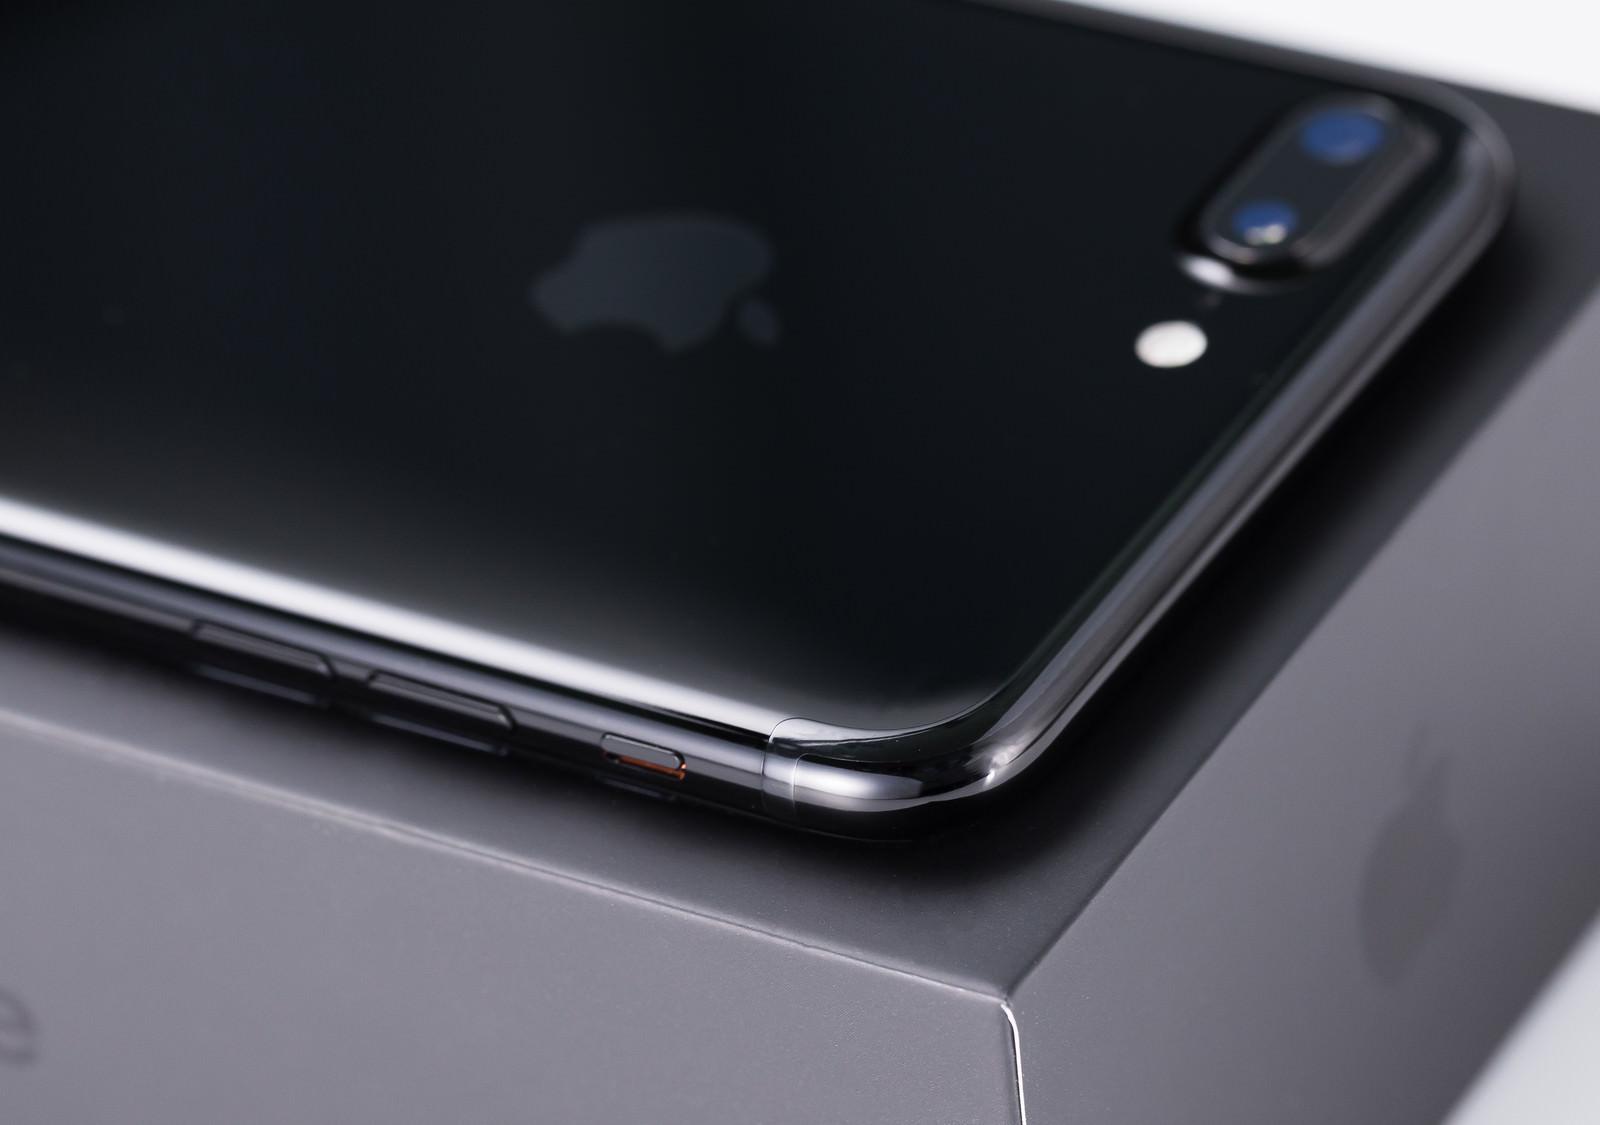 「アンテナラインの境目がわからない漆黒のスマートフォン」の写真